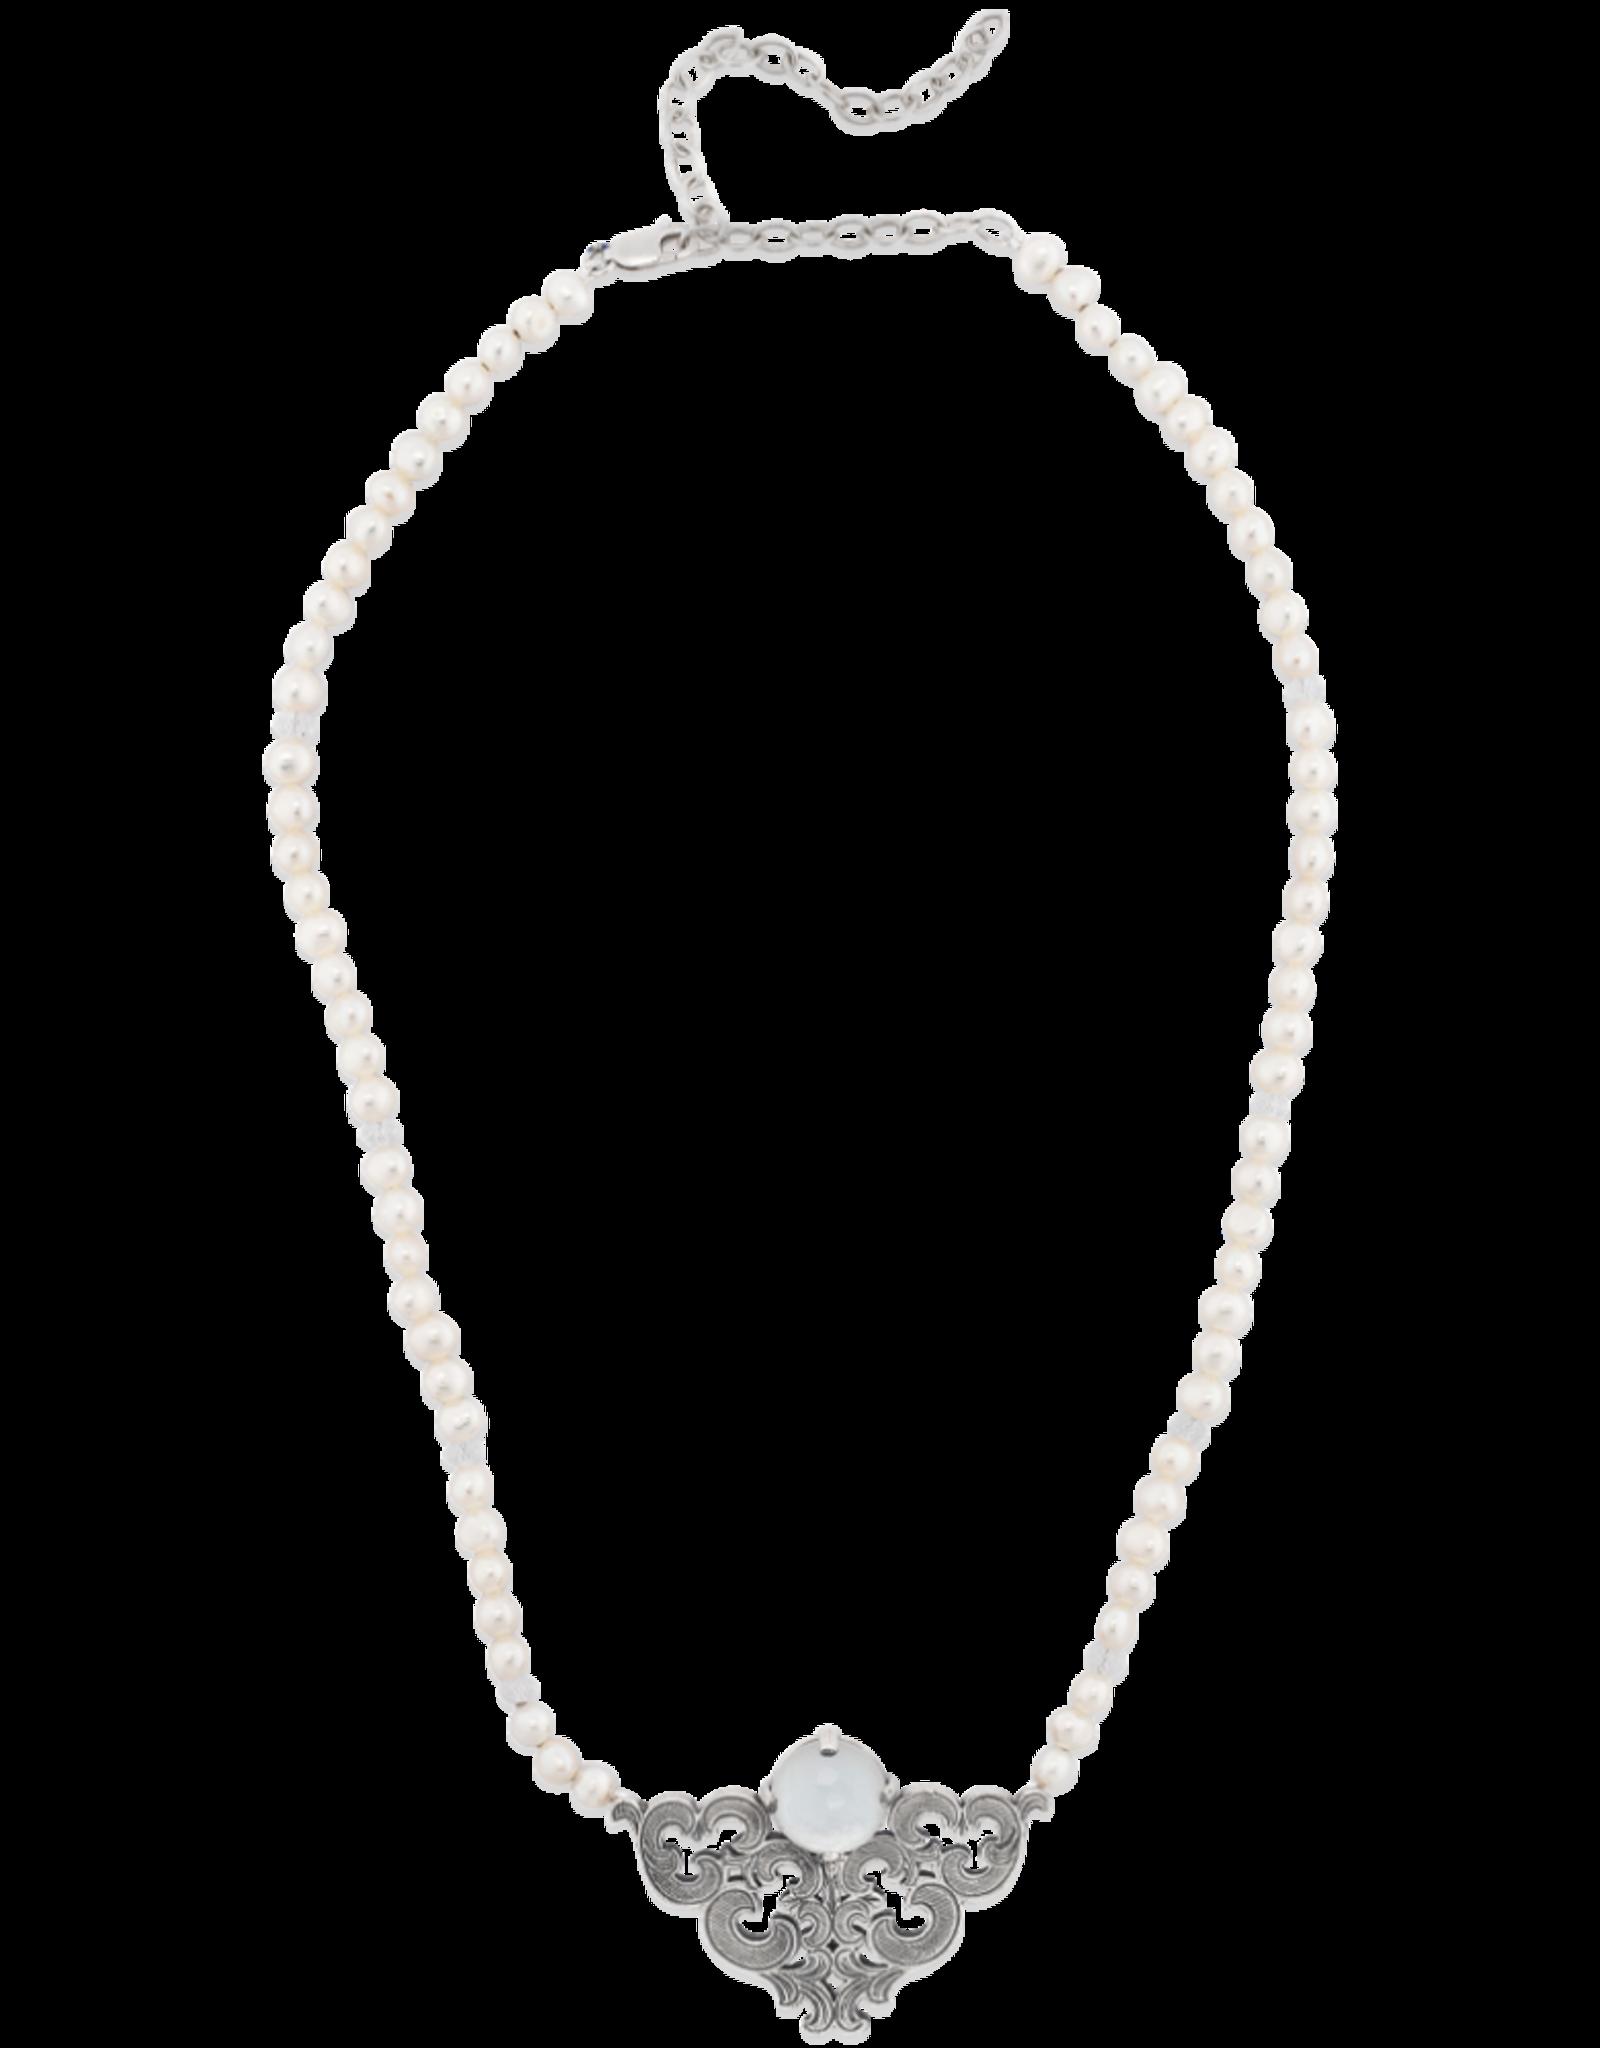 Mignon Faget Mignon Faget Scrollwork Doublet MOP Necklace